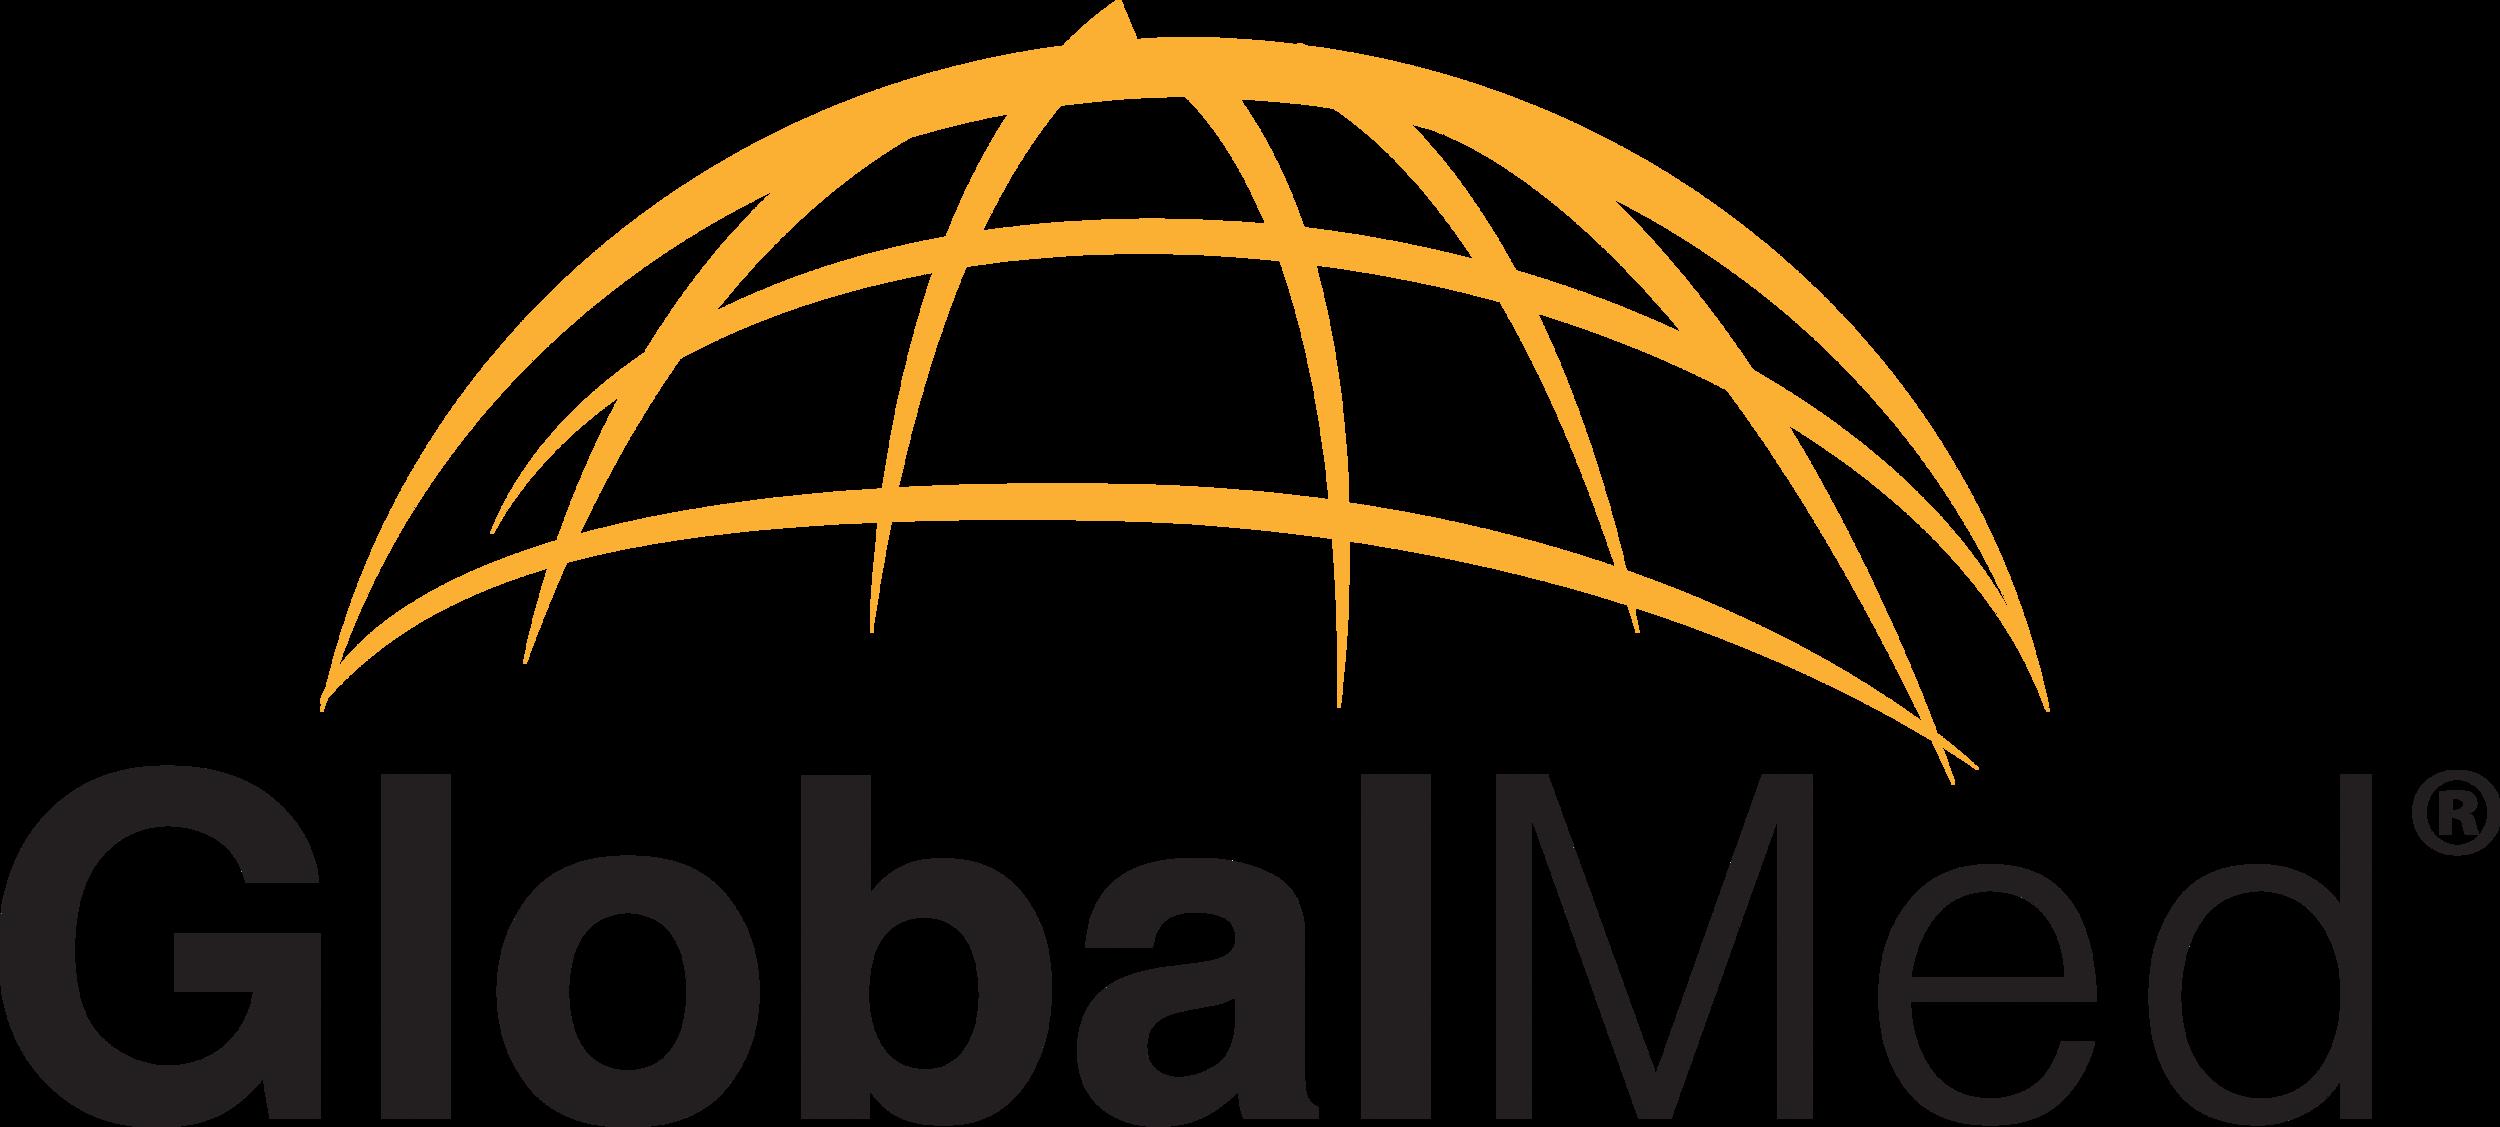 https://www.globalmed.com/